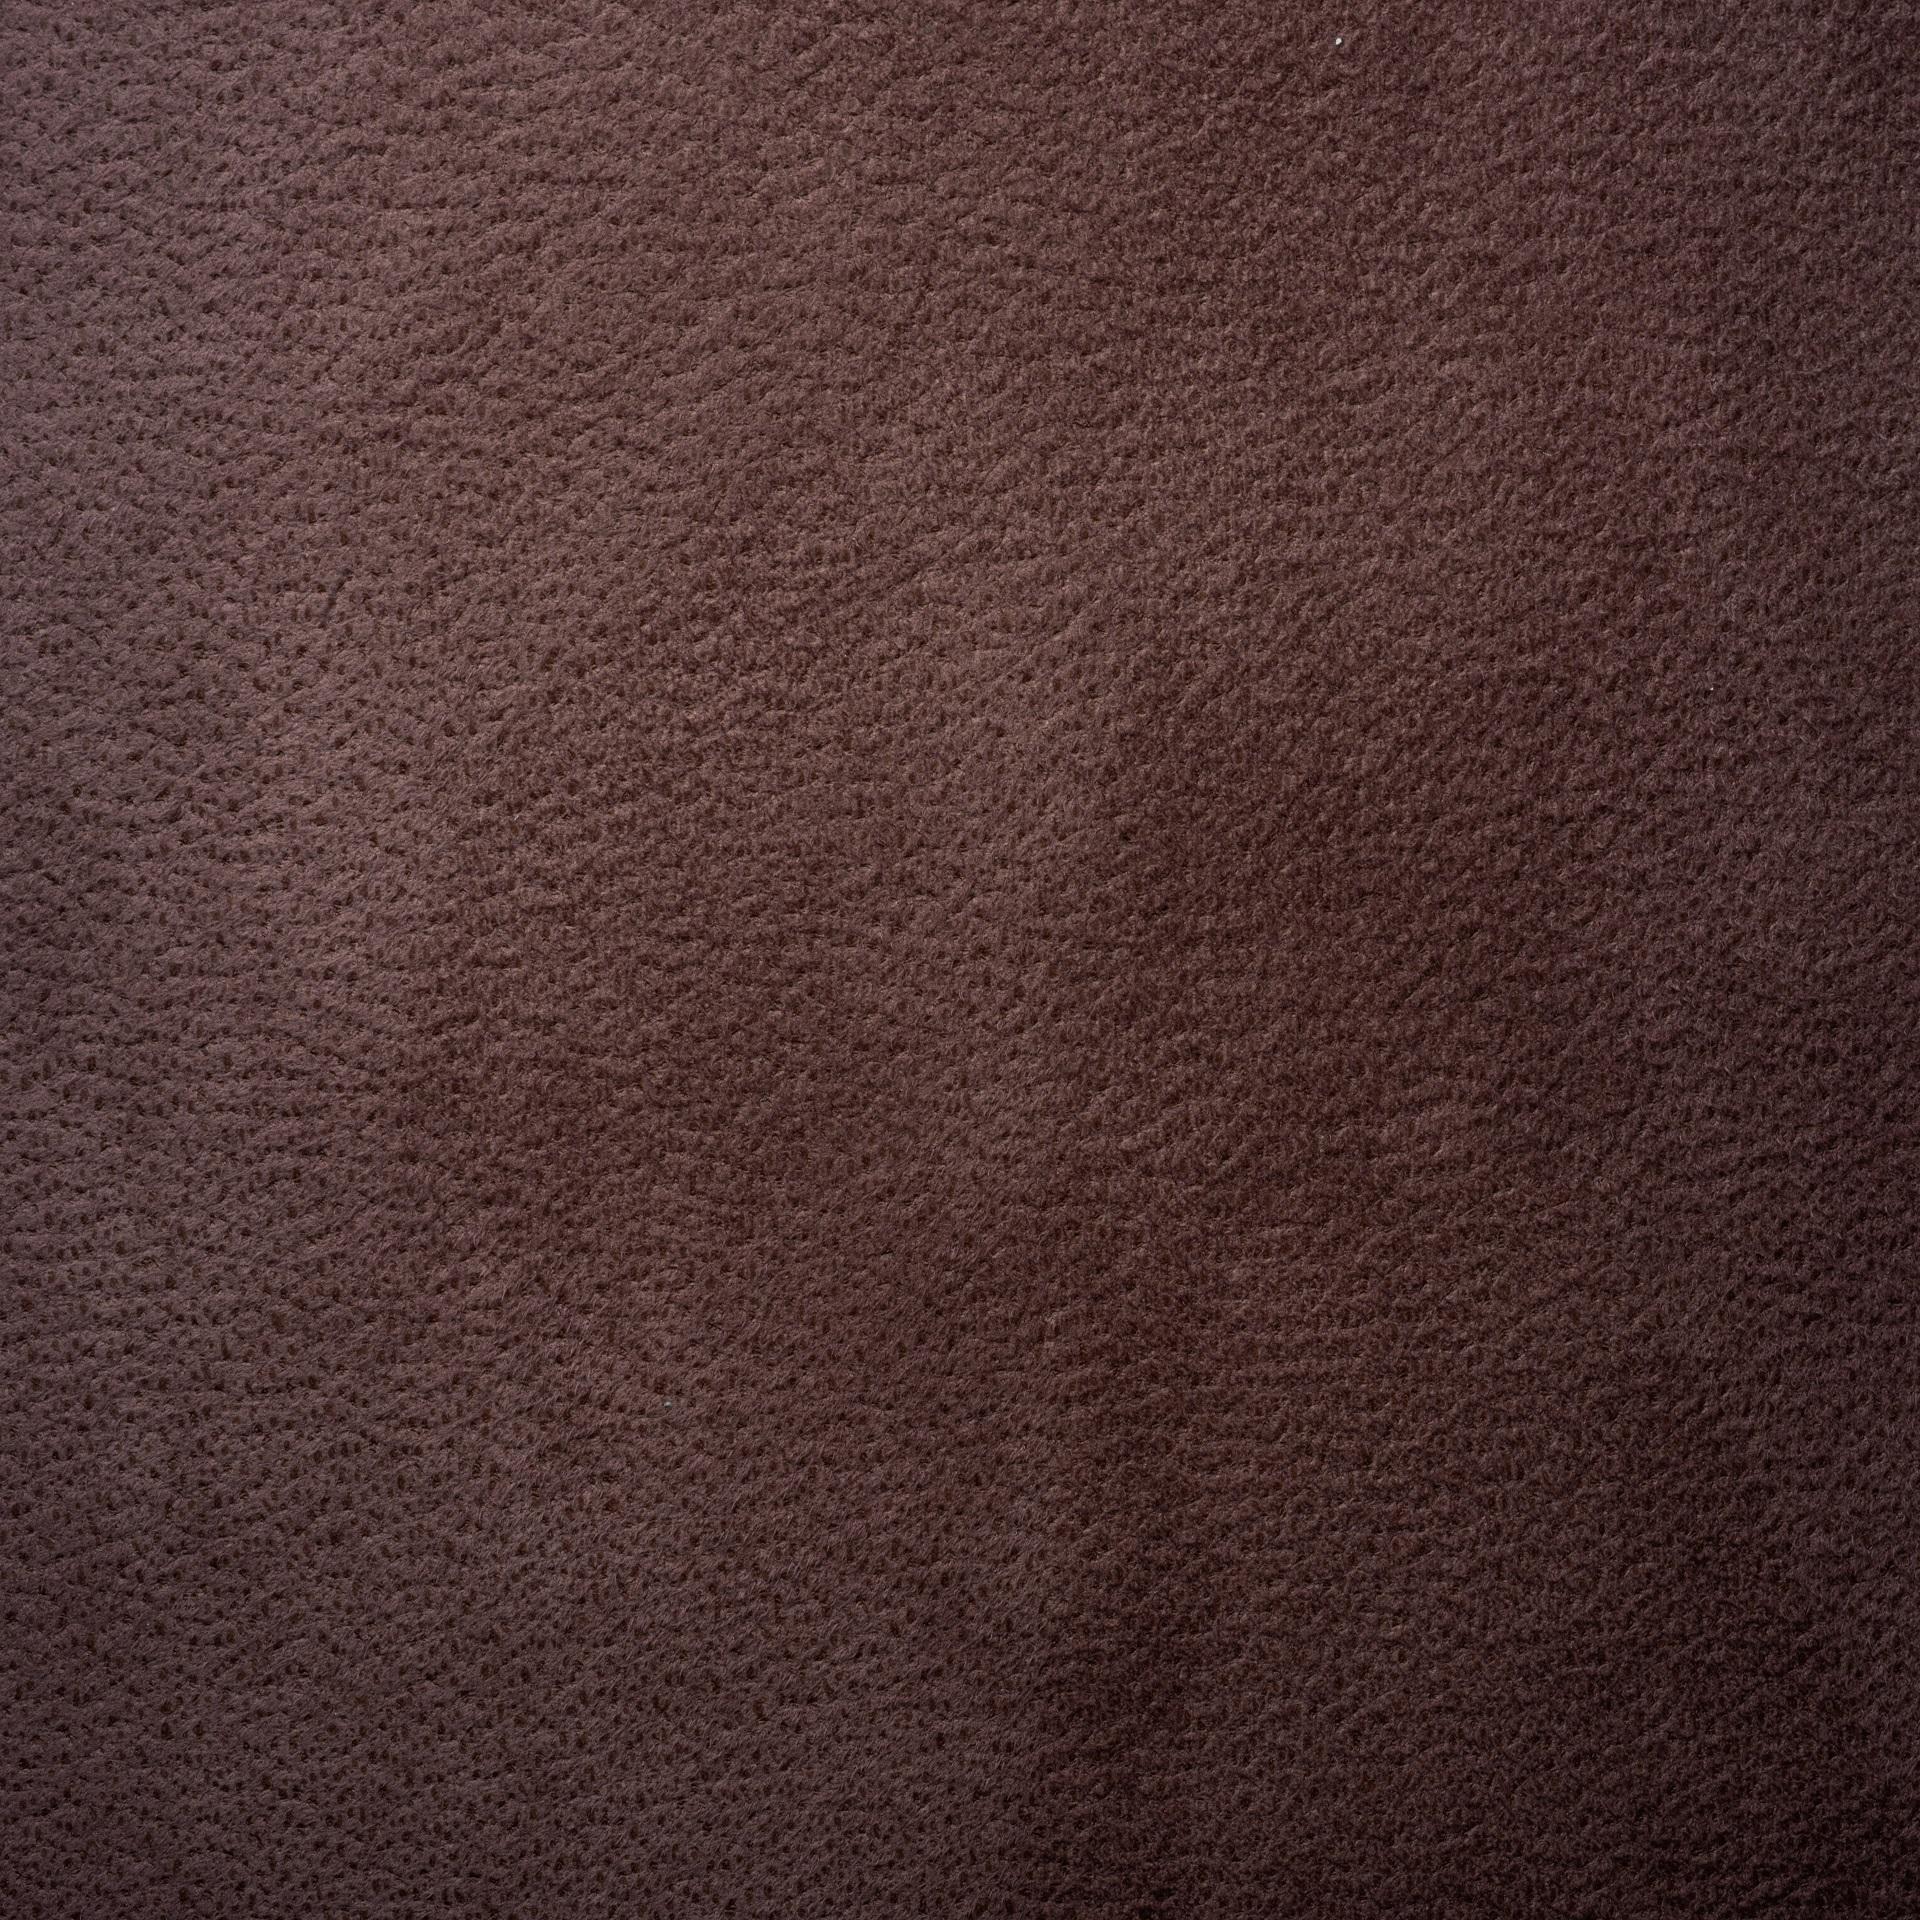 Коллекция ткани Мустанг PURPLE,  купить ткань Велюр для мебели Украина